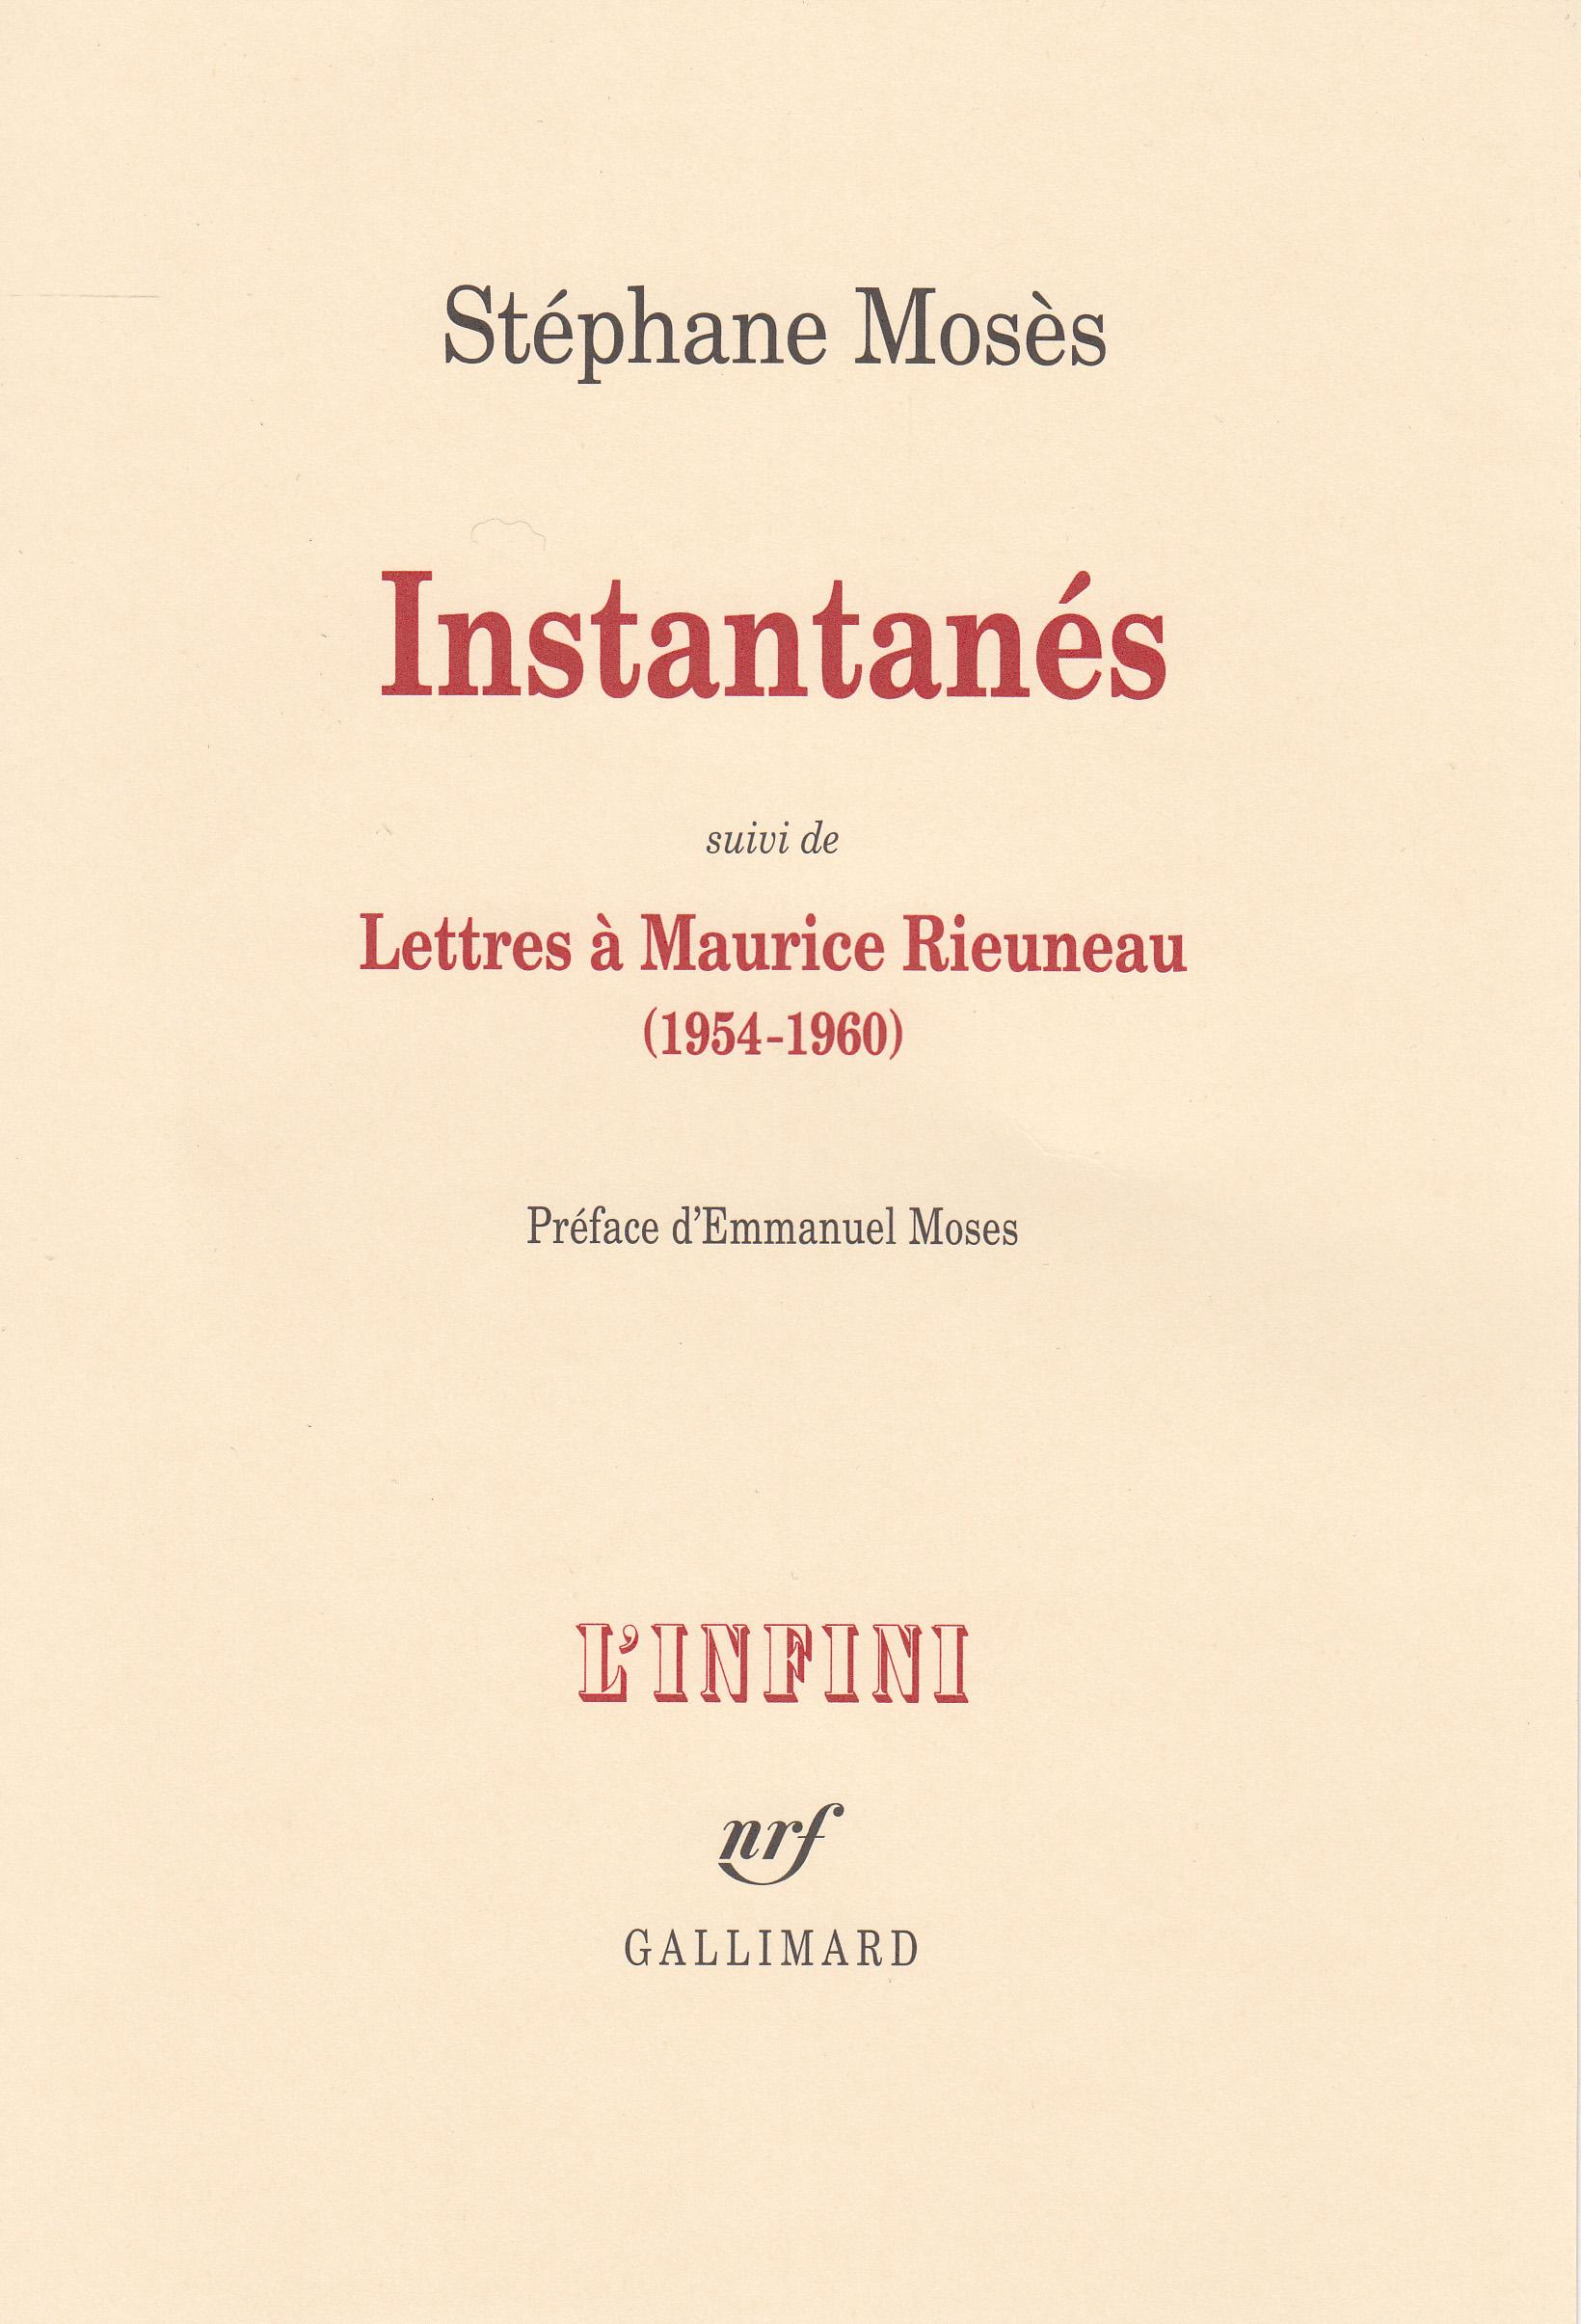 S. Mosès, Instantanés suivi de Lettres à Maurice Rieuneau (1954-1960)